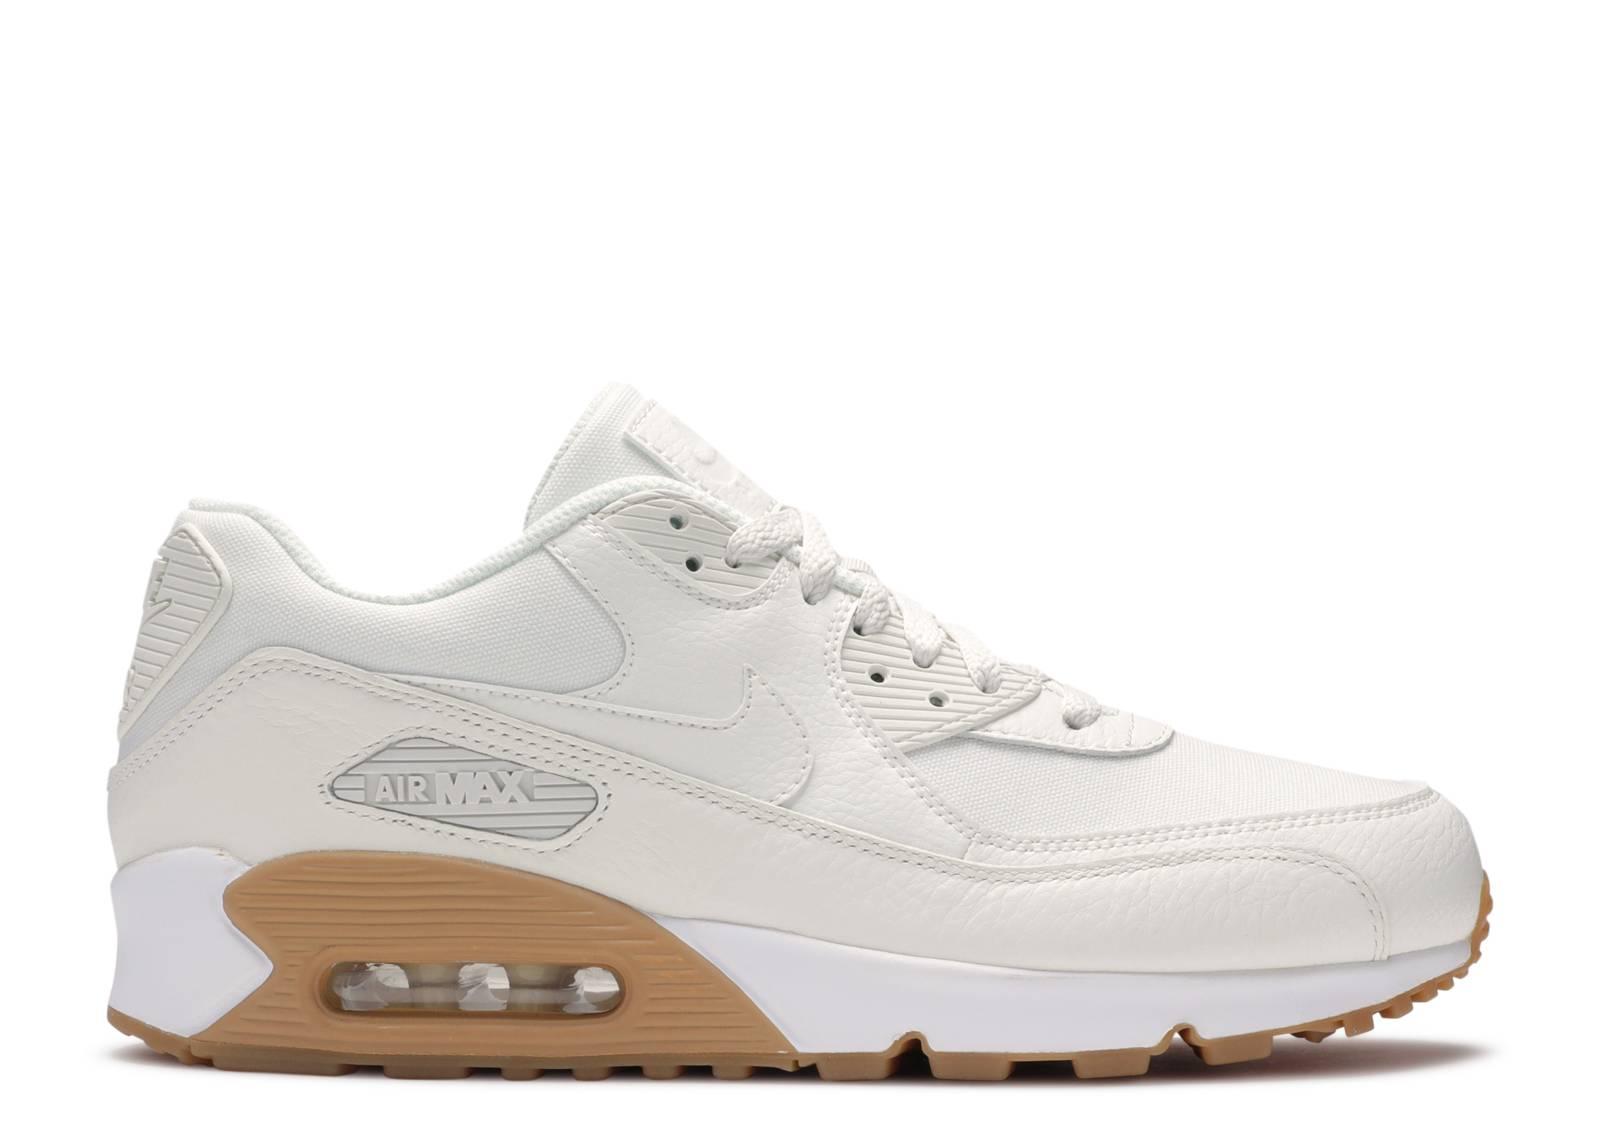 Nike WMNS Air Max 90 Premium SailGum (896497 100) Skor  Shoes